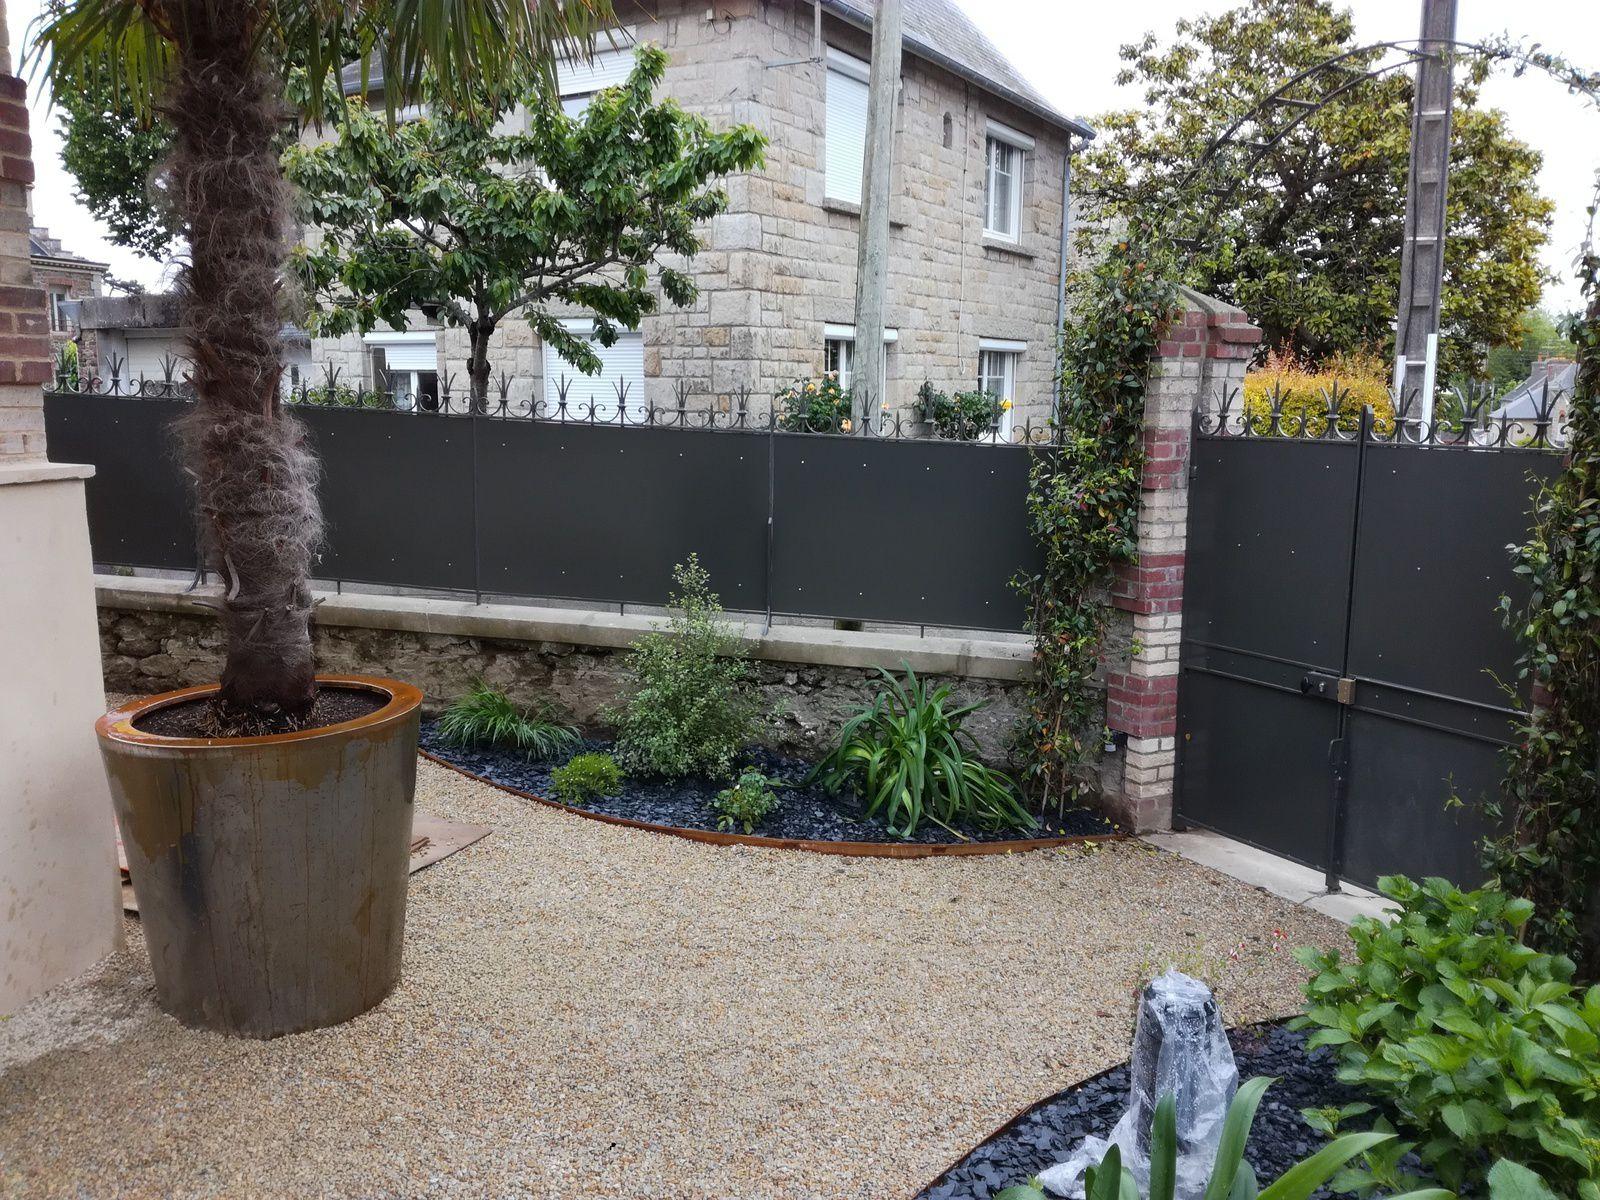 Aménagement Extérieur Entrée Maison aménagement extérieur d'un jardin de ville - reflets jardins